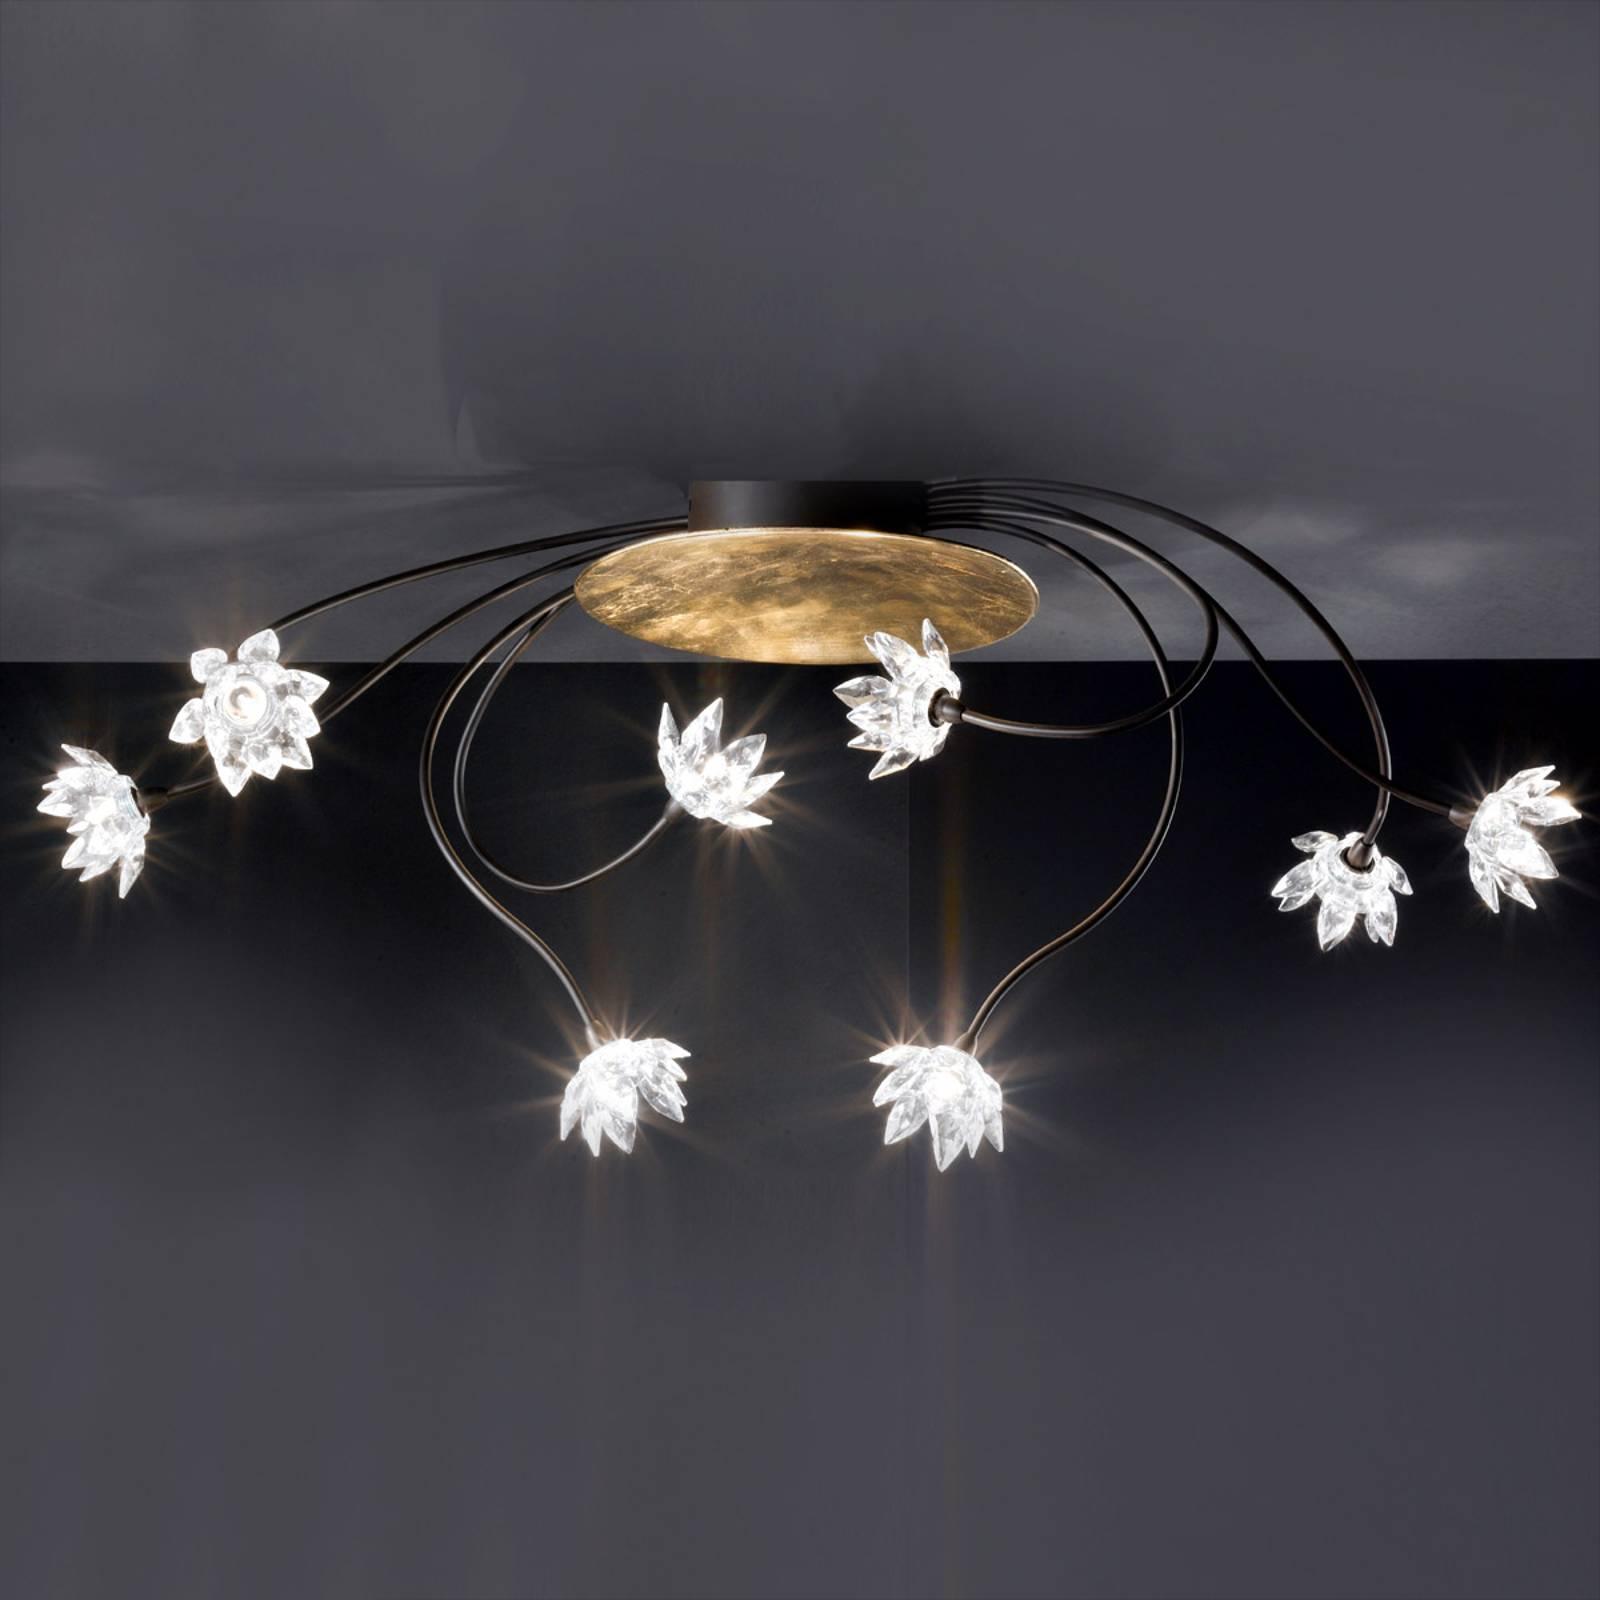 Kukikas FIORELLA-kattovalaisin 8 lamppua, kirkas